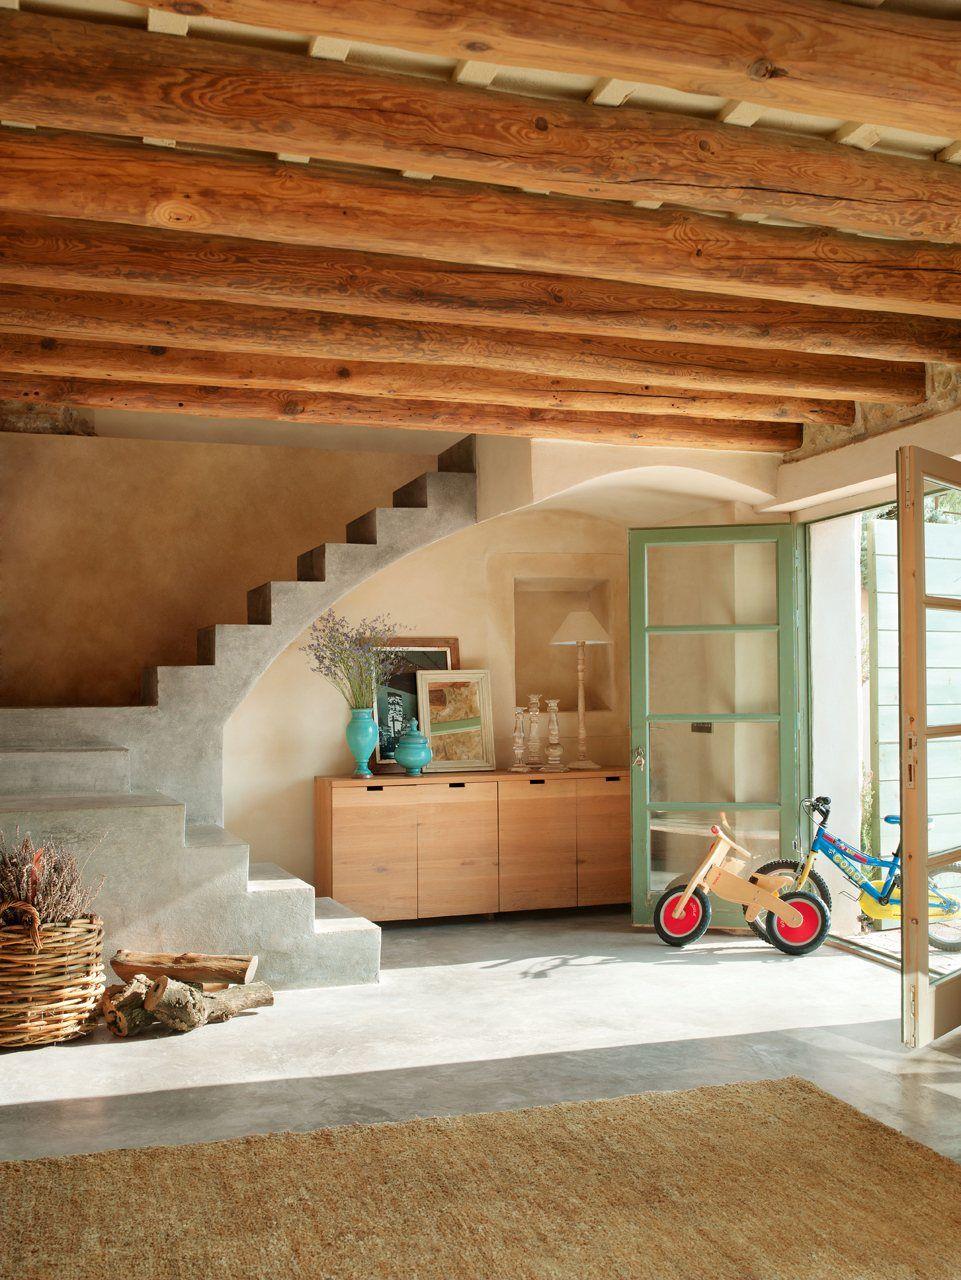 Una casa r stica llena de vitalidad casas - Entradas de casas rusticas ...